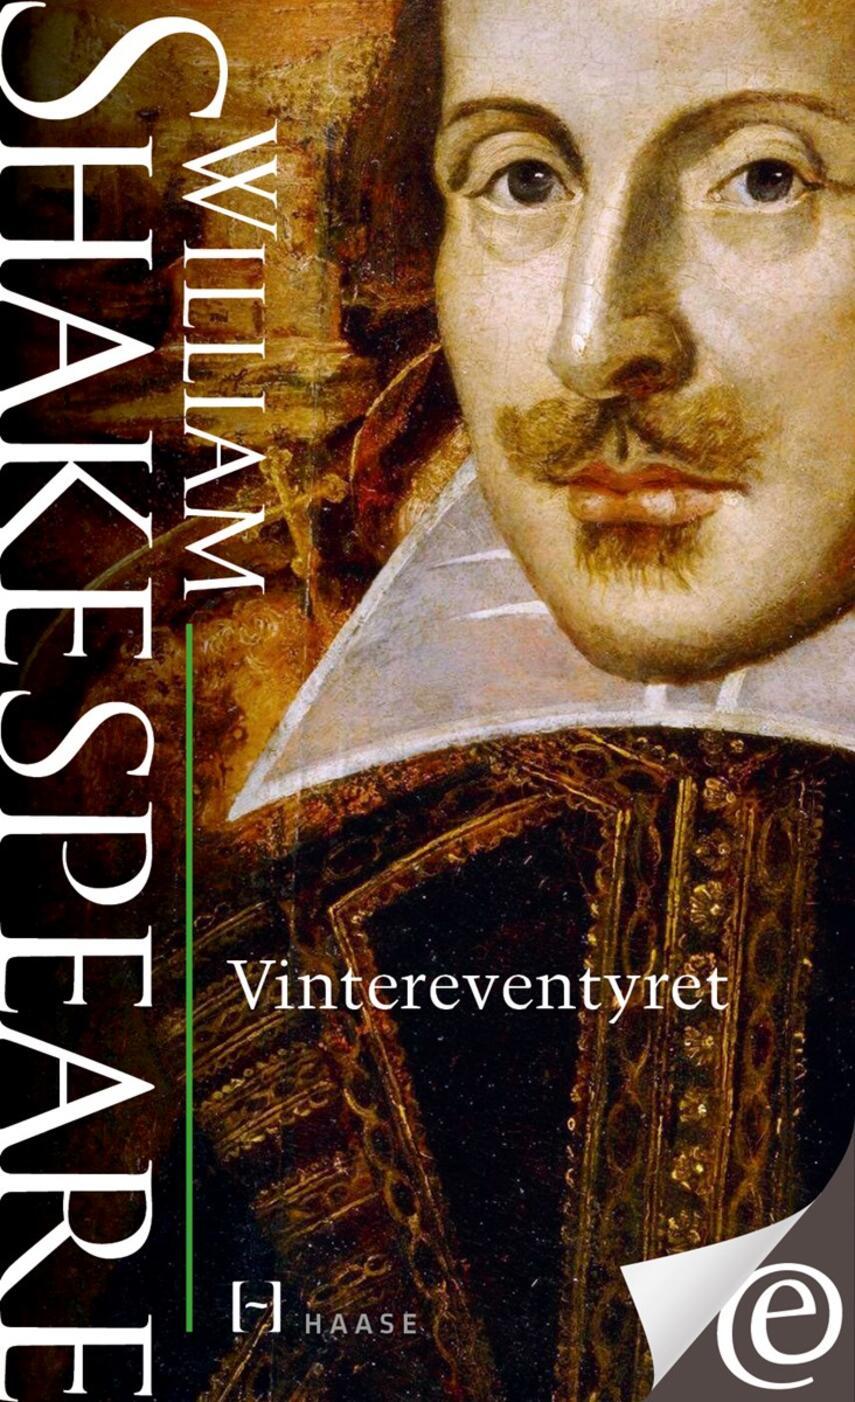 William Shakespeare: Vintereventyret (Ved Erik H. Madsen)